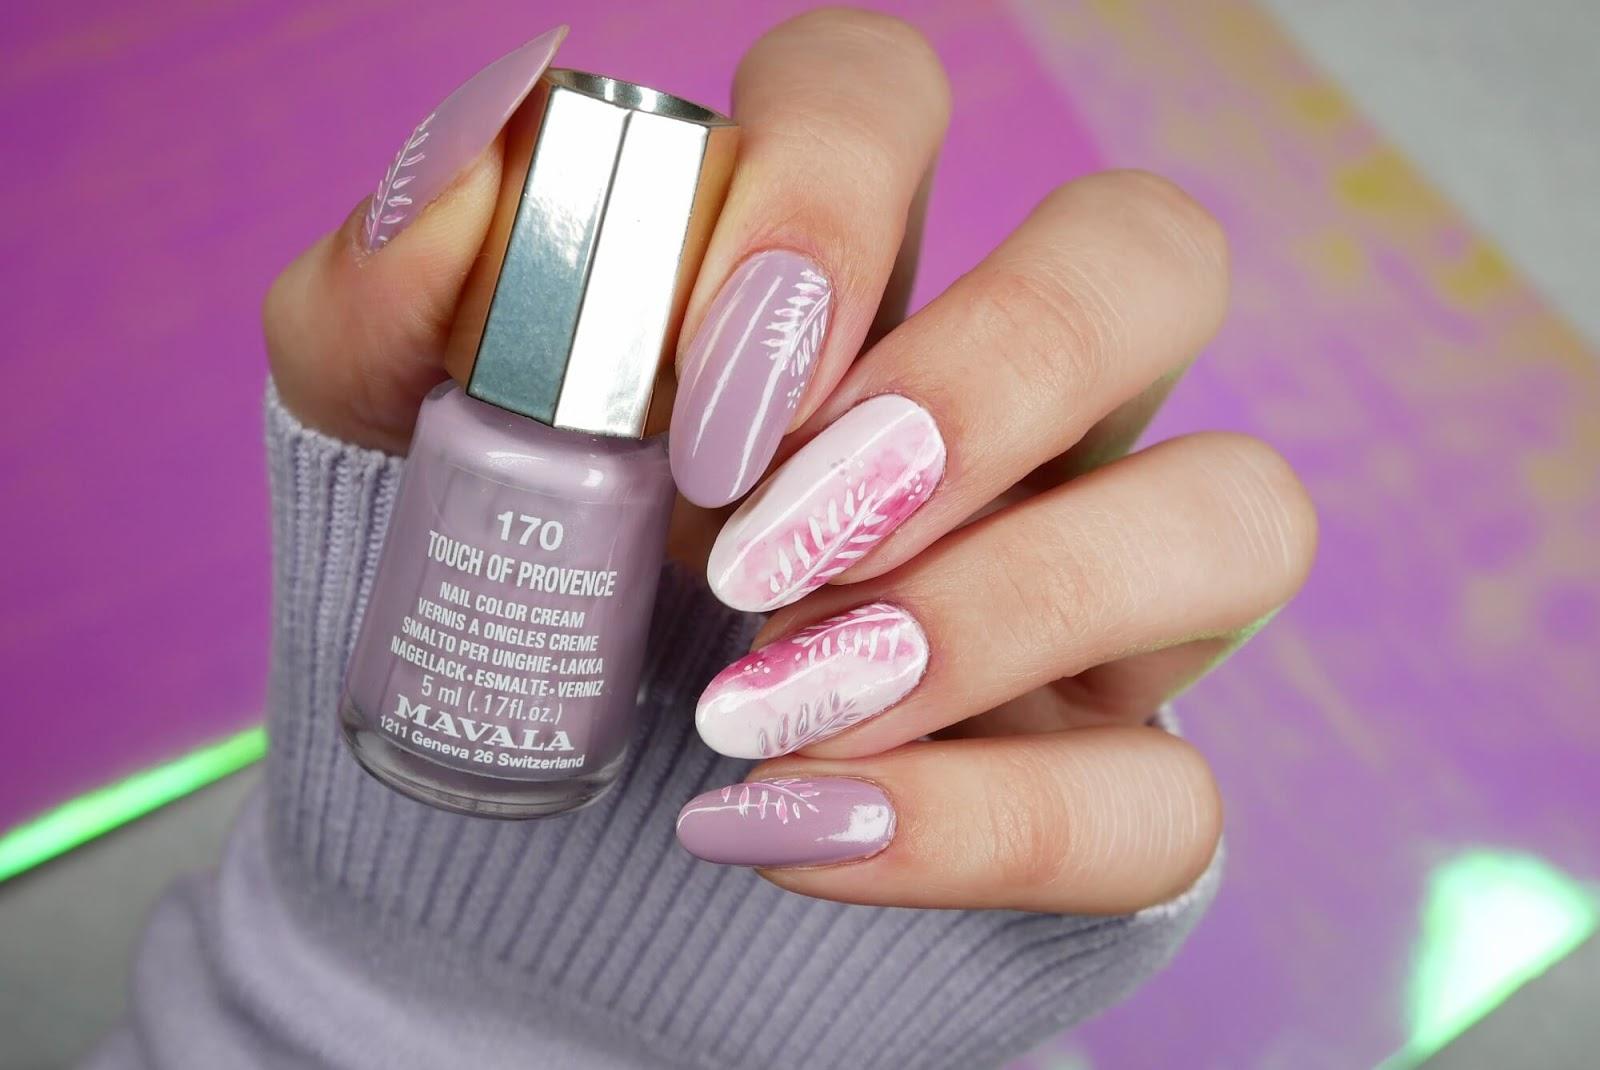 paznokcie - blur effect różowy